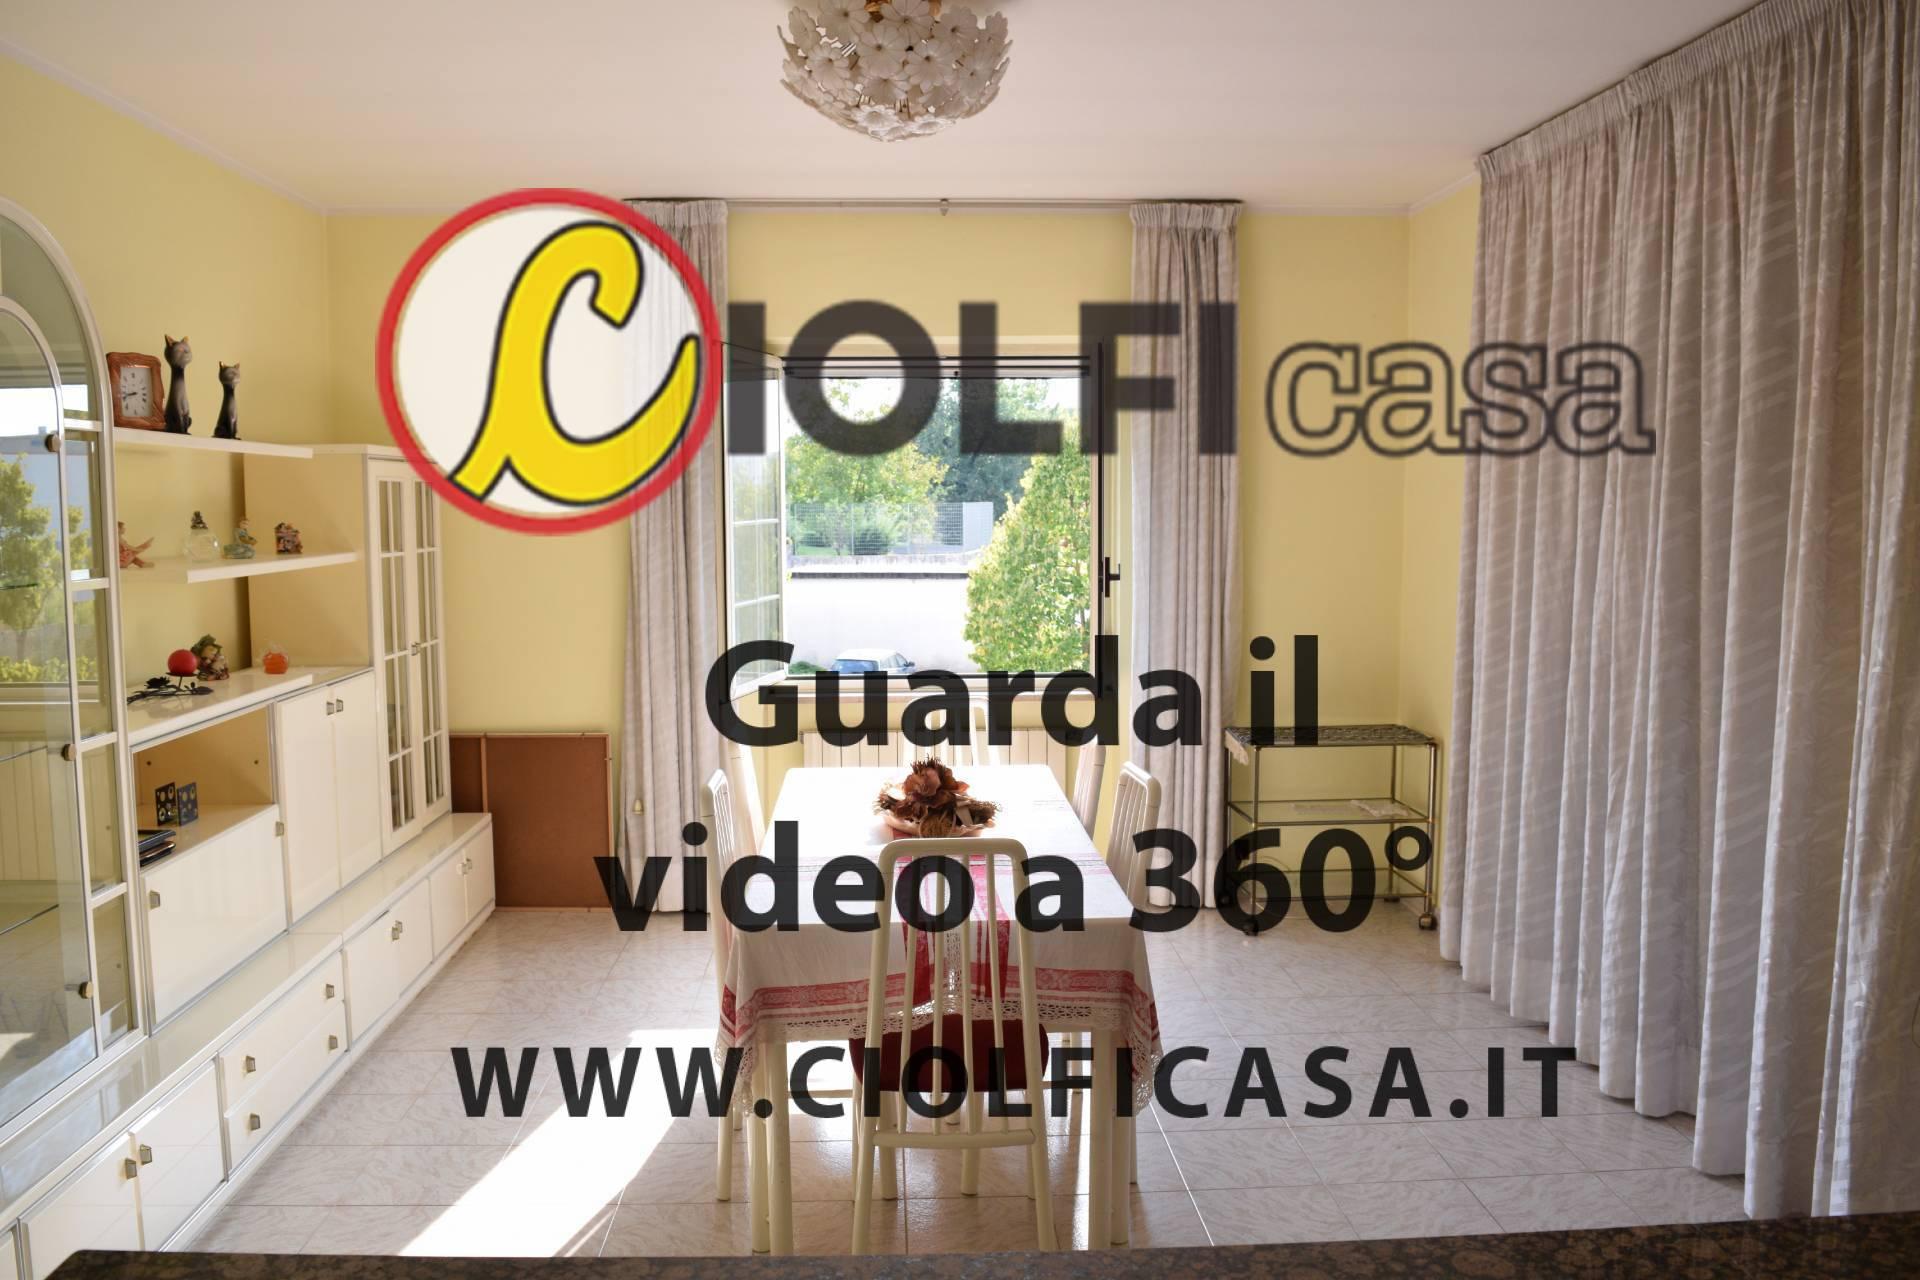 Appartamento in affitto a Cassino, 4 locali, zona Località: ViaSolfegnaCantoni, prezzo € 400 | CambioCasa.it